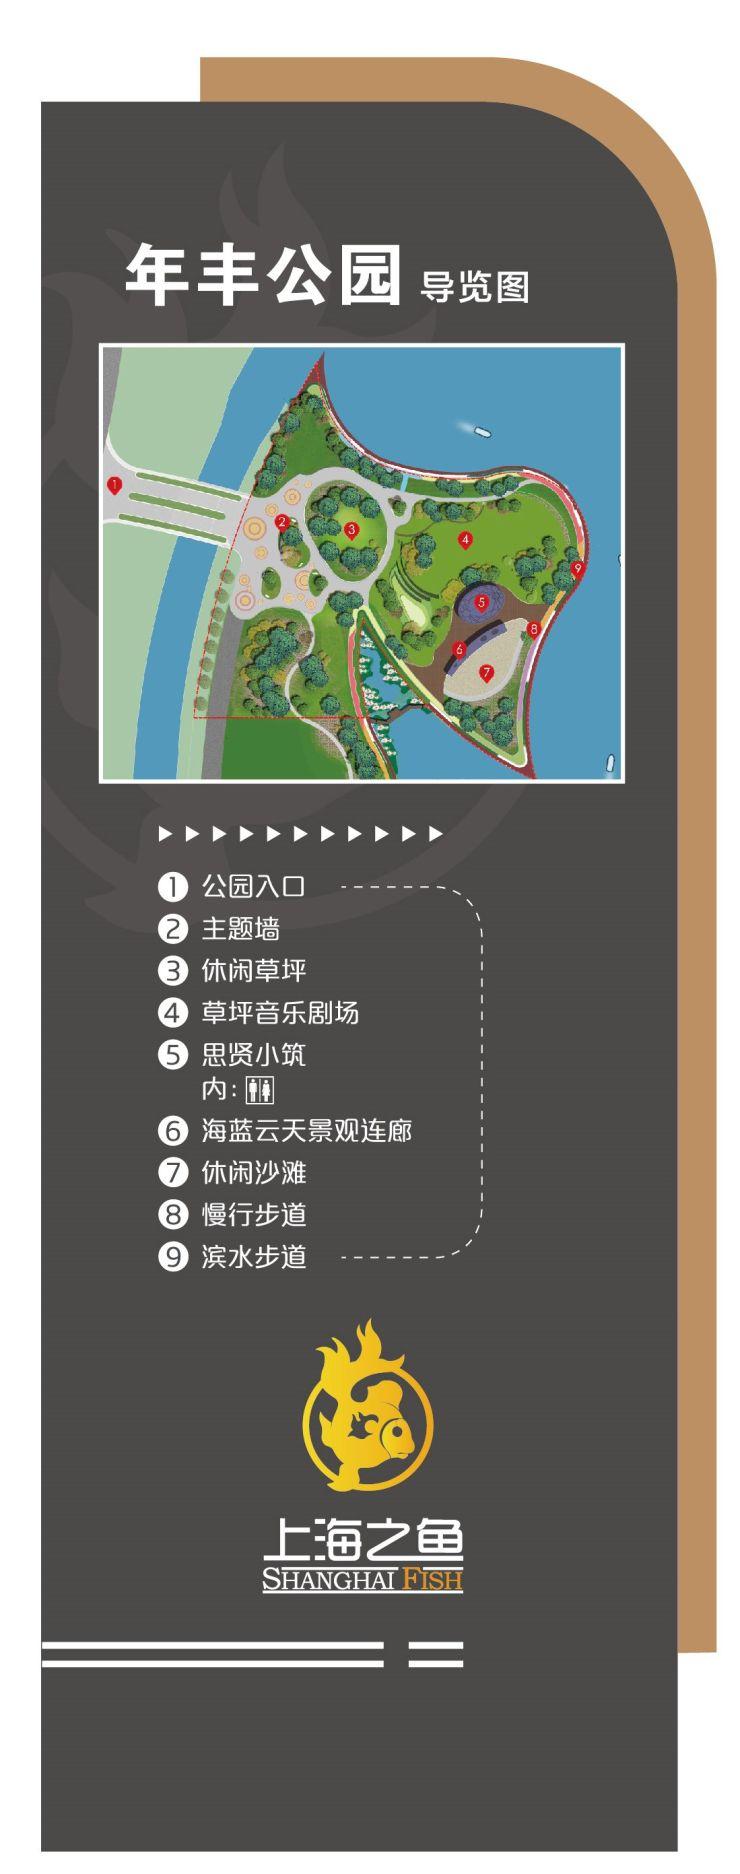 """占地36亩!奉贤""""上海之鱼""""年丰公园免费开放咯"""